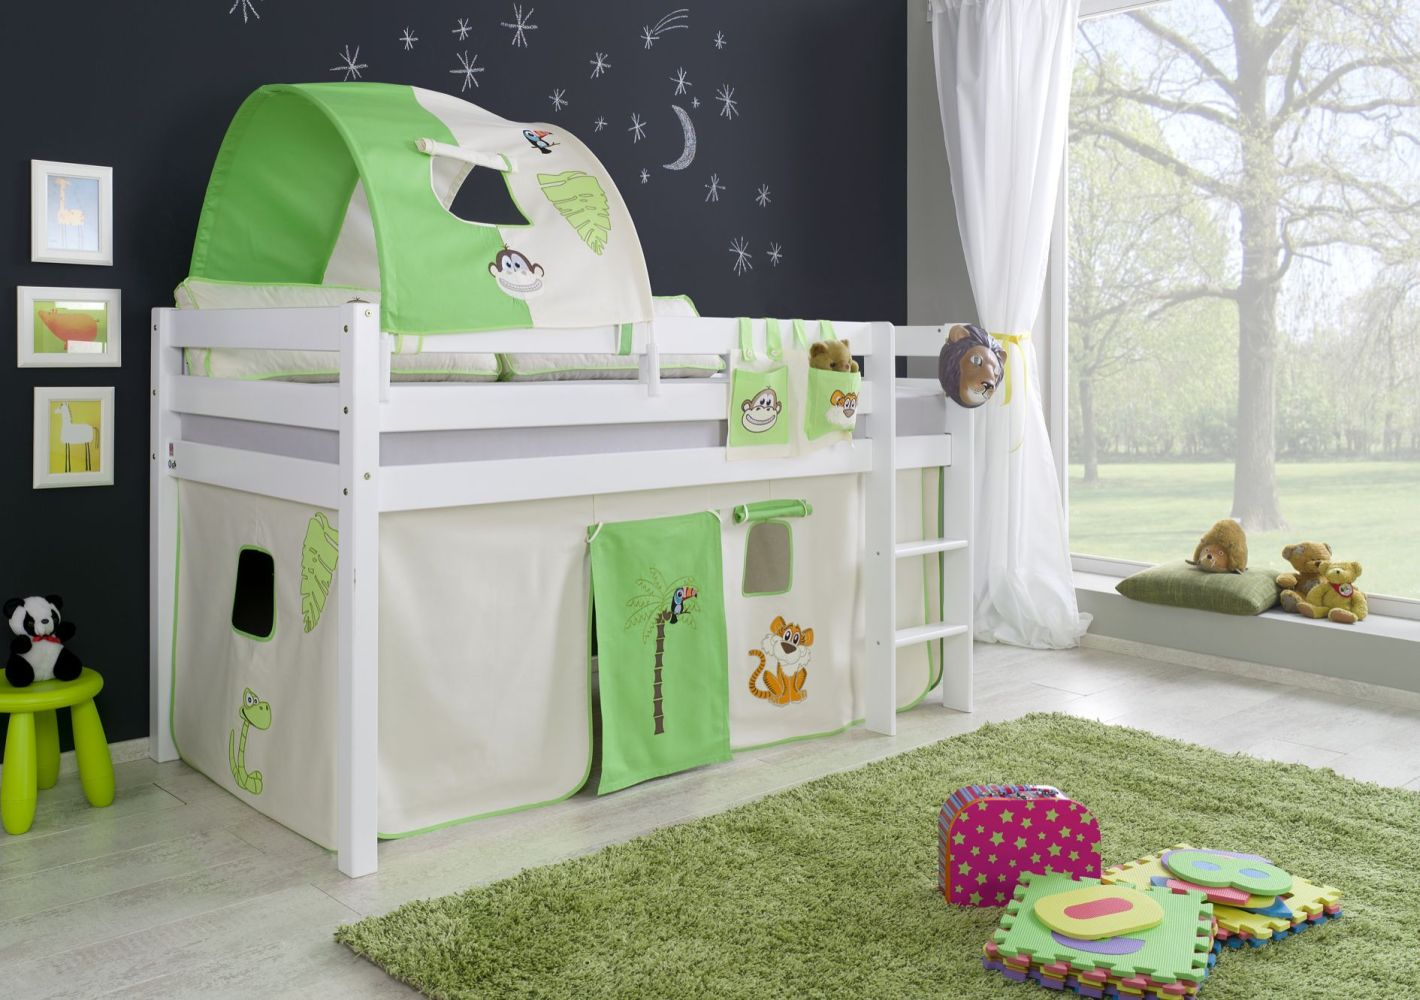 Relita Halbhohes Spielbett ALEX Buche massiv weiß lackiert mit Stoffset Vorhang, 1-er Tunnel und Tasche Bild 1